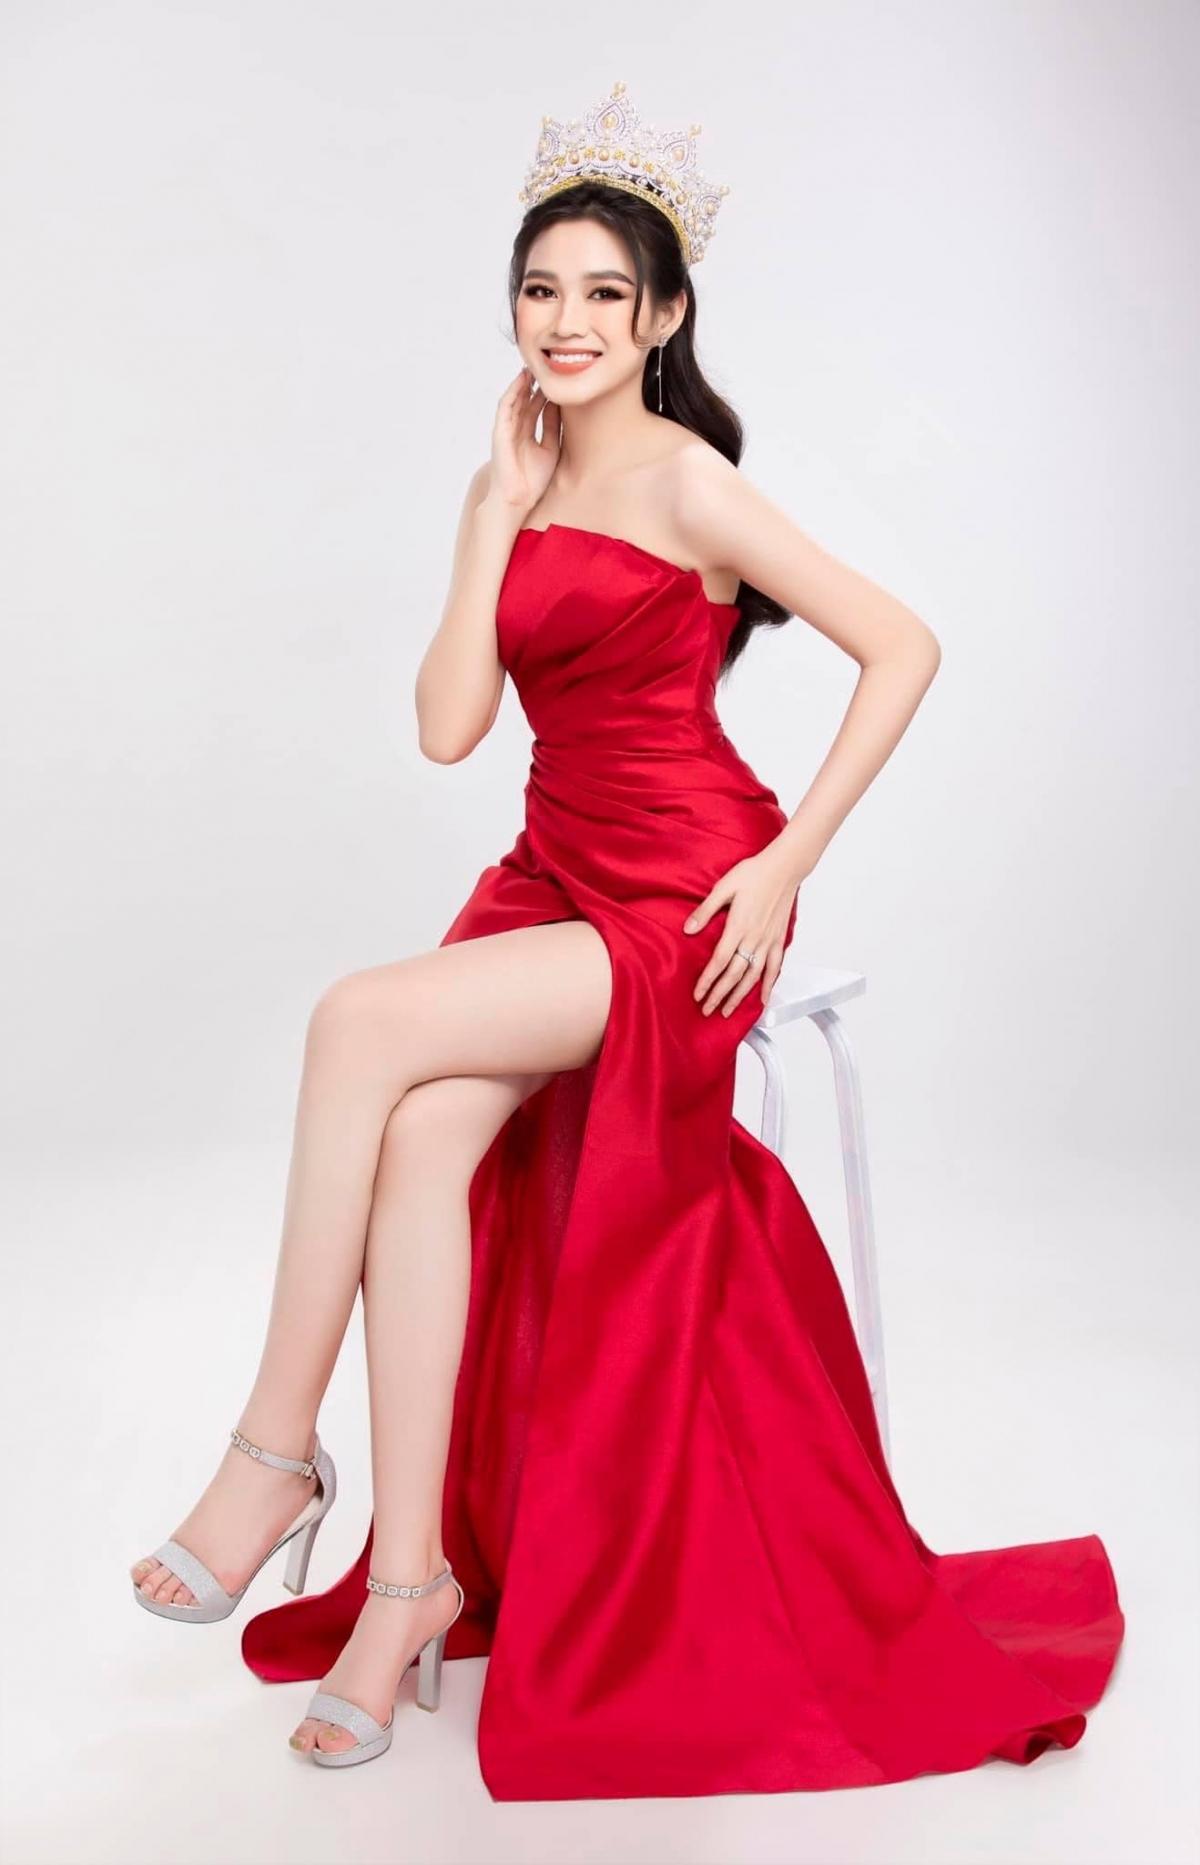 Hiện tại, nàng Hậu đang tập trung tập luyện để chuẩn bị cho cuộc thi Miss World 2021 sẽ diễn ra vào tháng 11 tới ở Puerto Rico.